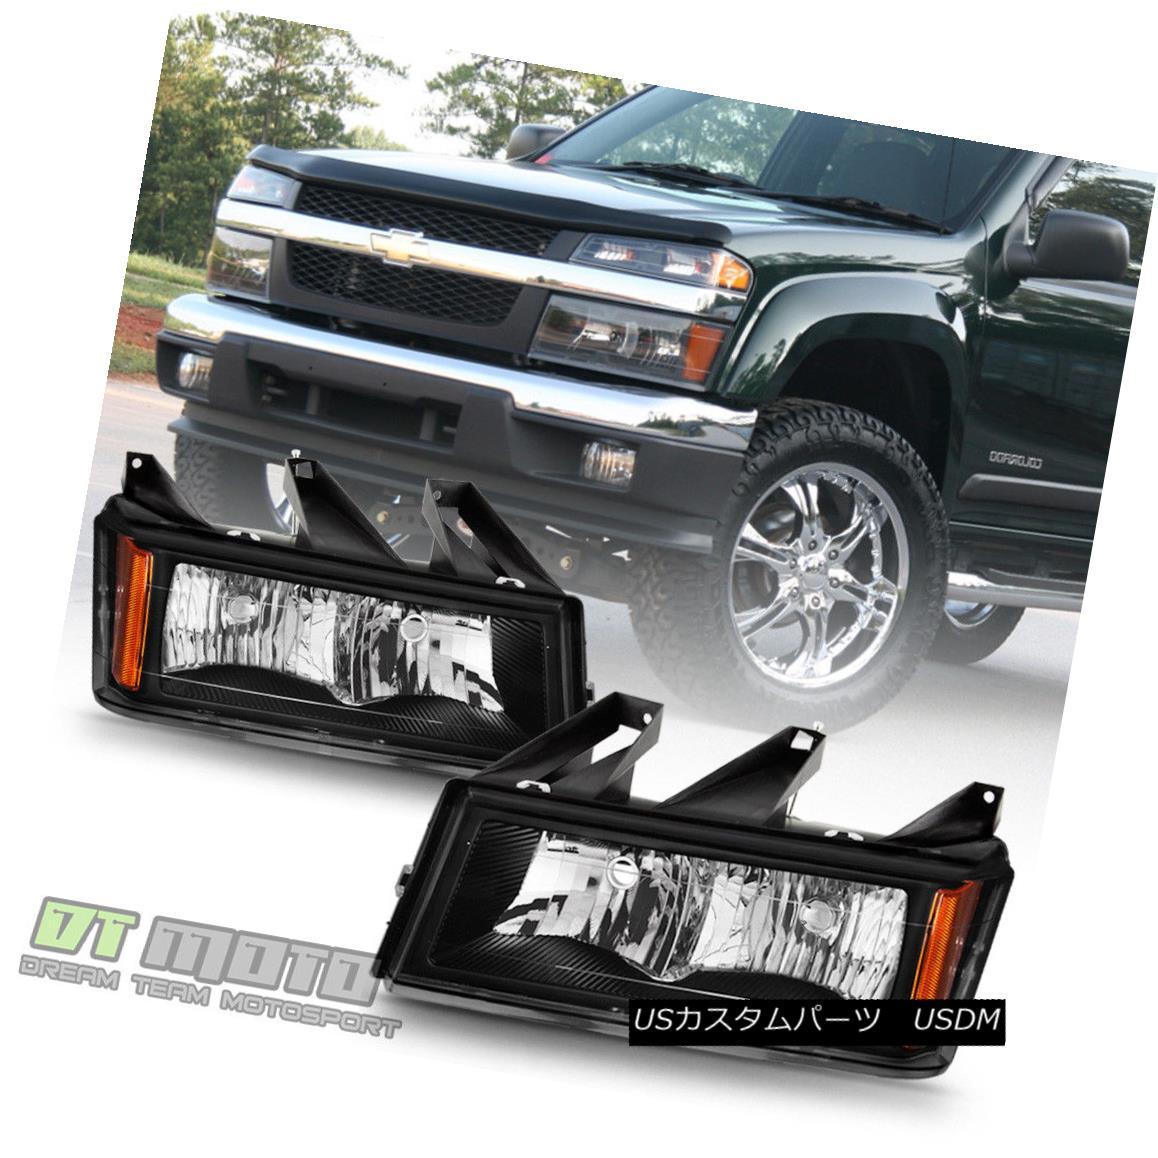 ヘッドライト 2004-2012 Chevy Colorado GMC Canyon Pickup Truck Headlights Headlamps Left+Right 2004年?2012年シボレー・コロラド州GMCキャニオンピックアップトラックヘッドライトヘッドランプ左+右